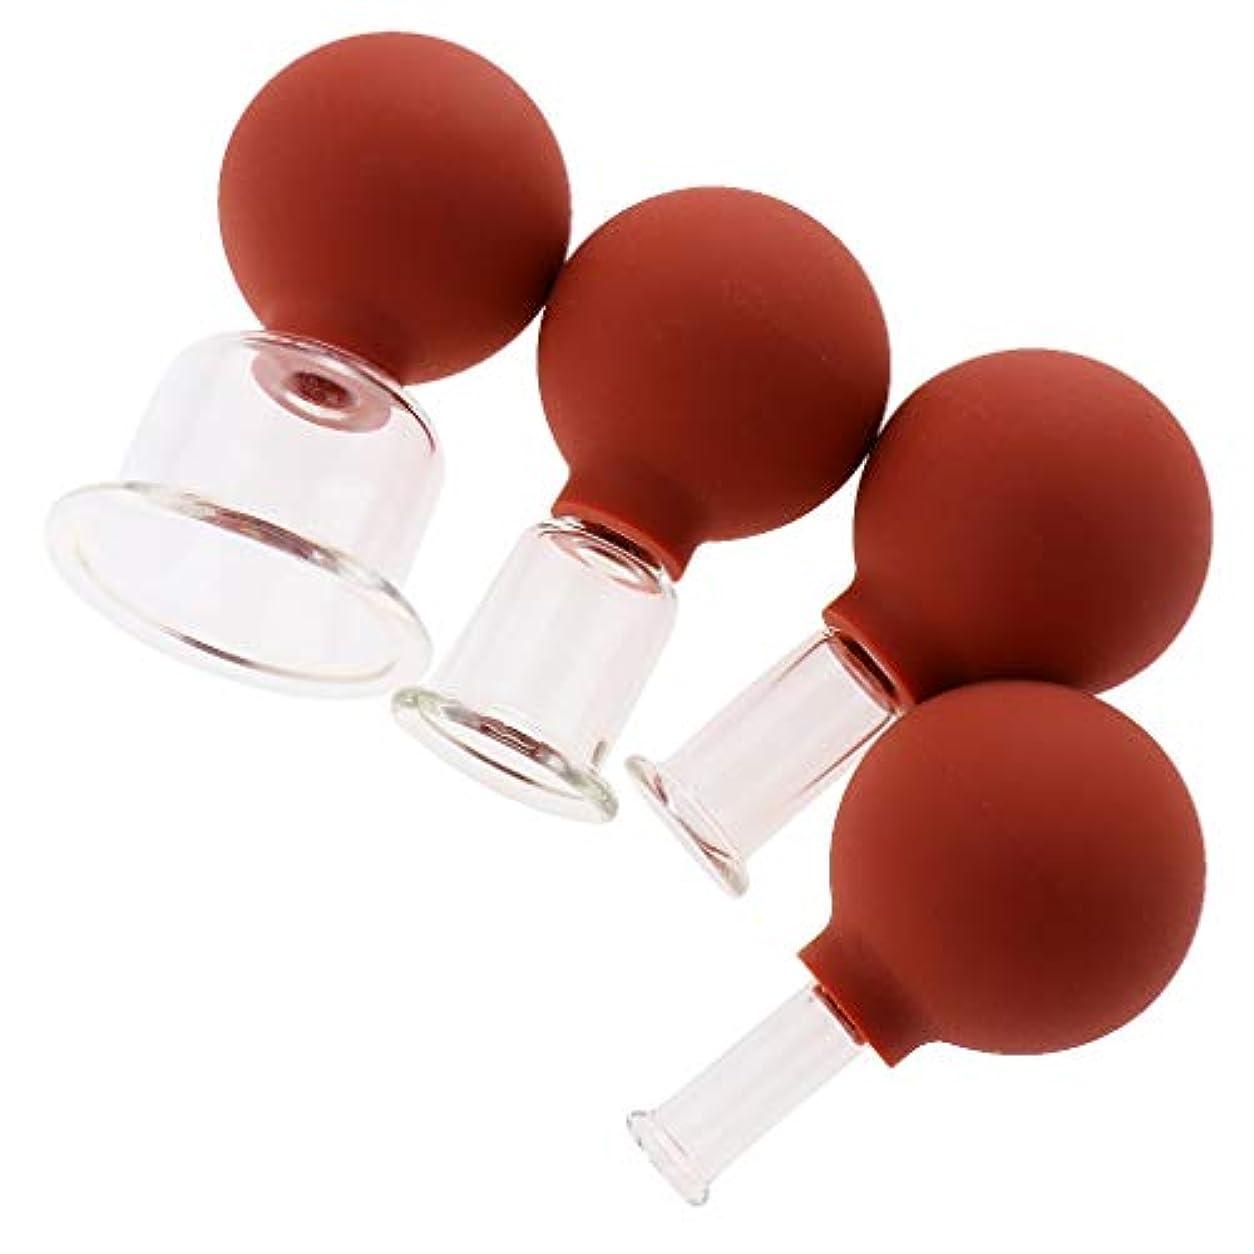 こんにちは裁量深くCUTICATE 全3色 マッサージカップ ガラスカッピング 吸い玉 マッサージ カッピングセット 4個入 - 赤茶色